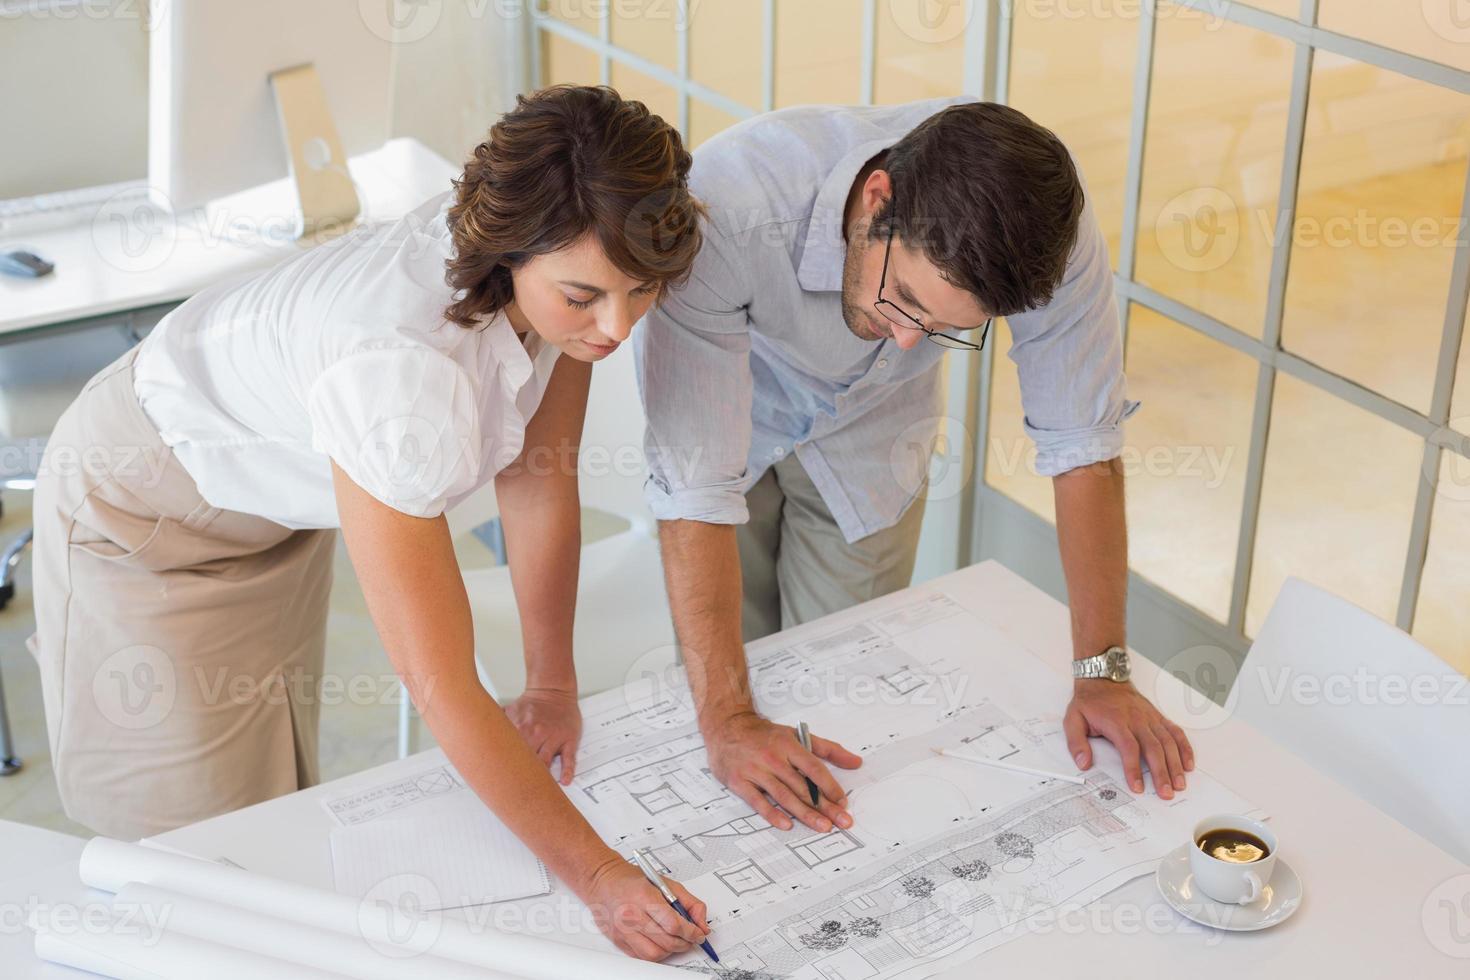 mensen uit het bedrijfsleven werken aan blauwdrukken op kantoor foto